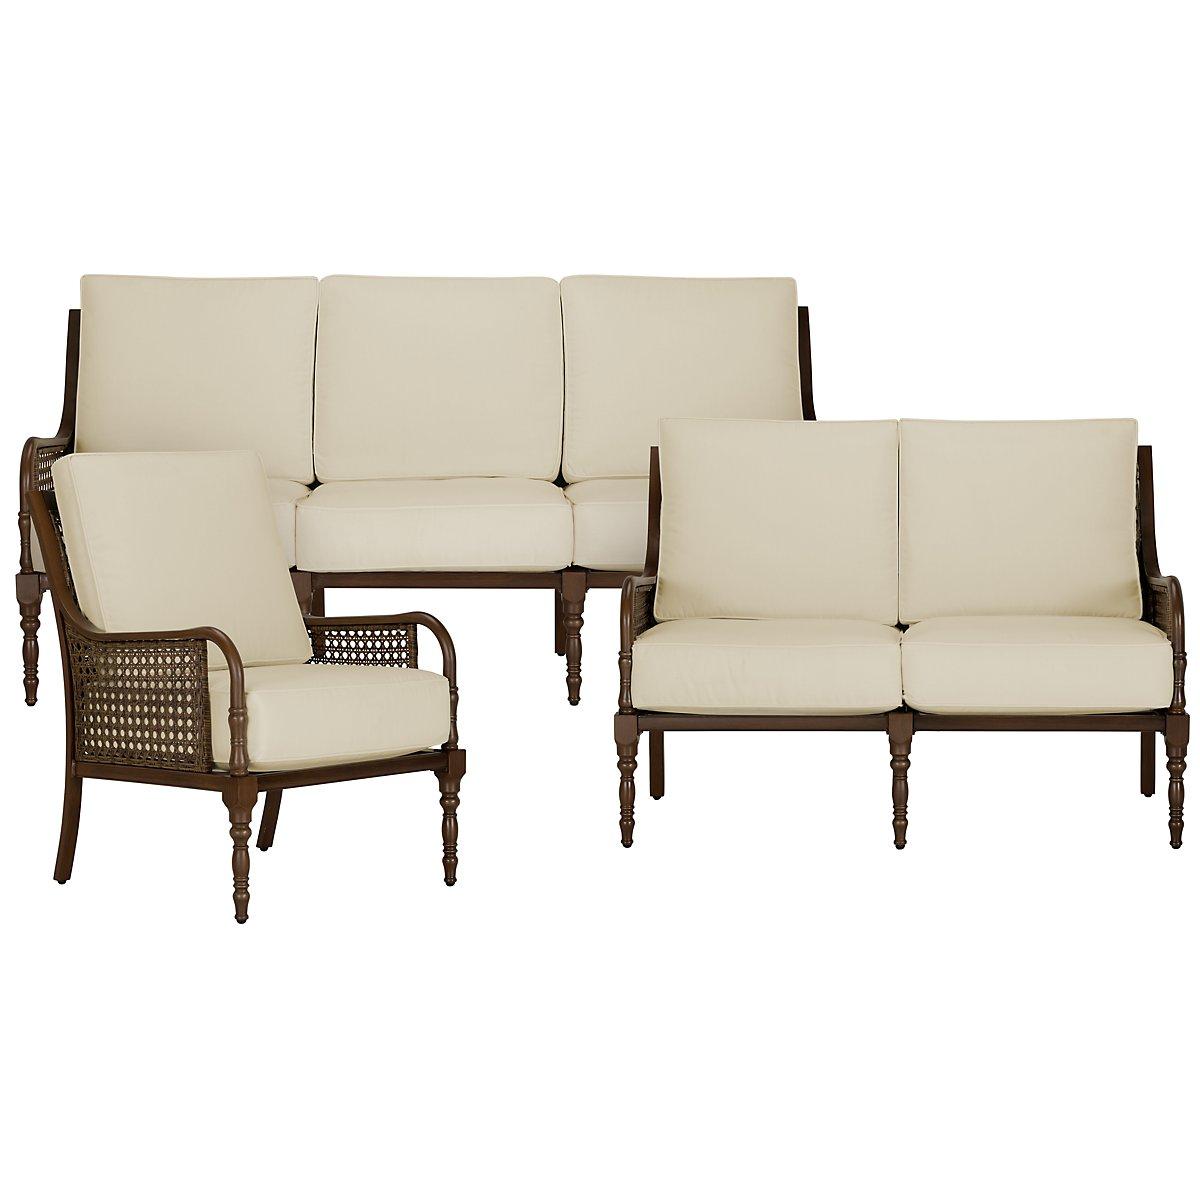 Tradewinds Dark Tone Outdoor Living Room Set